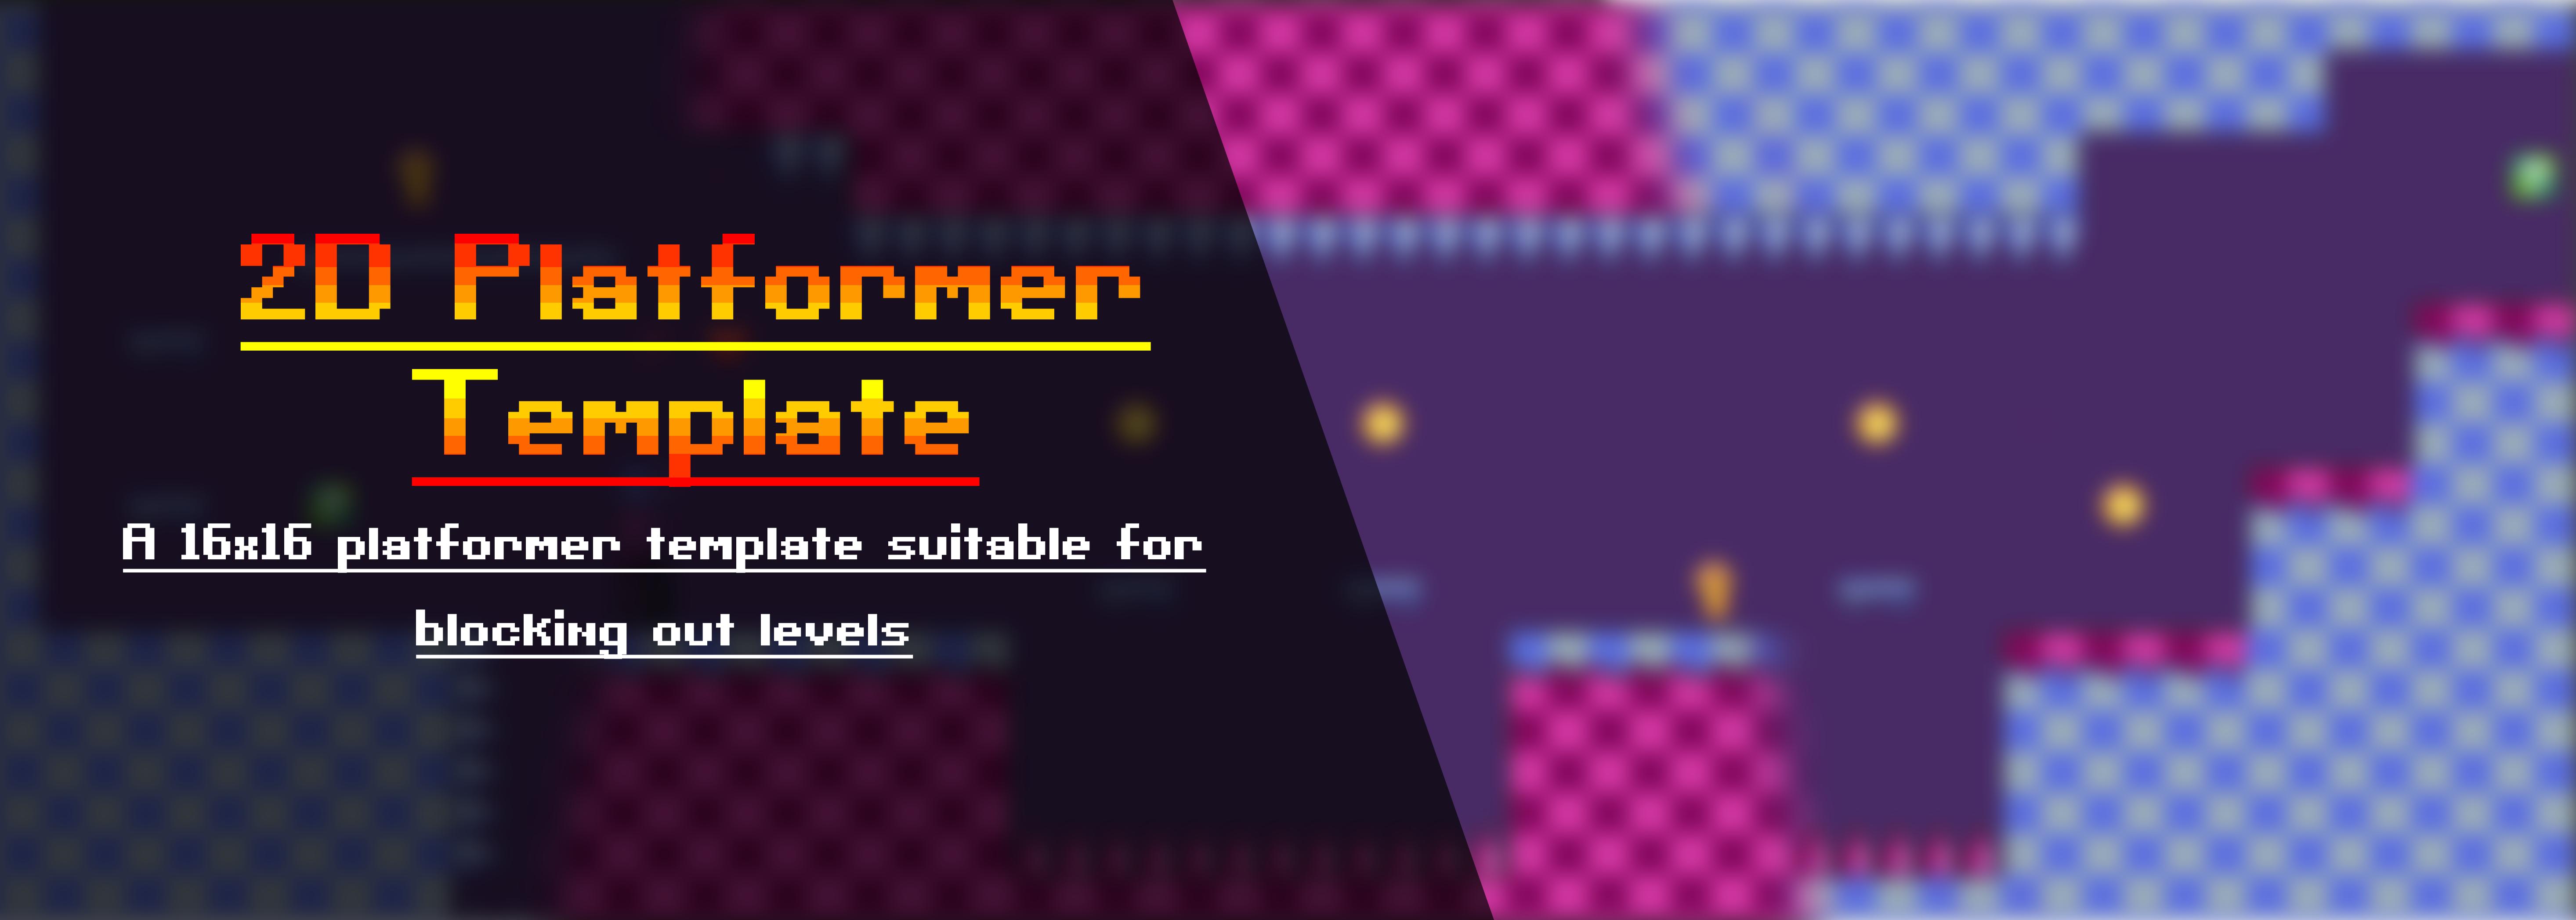 2D Platformer Template